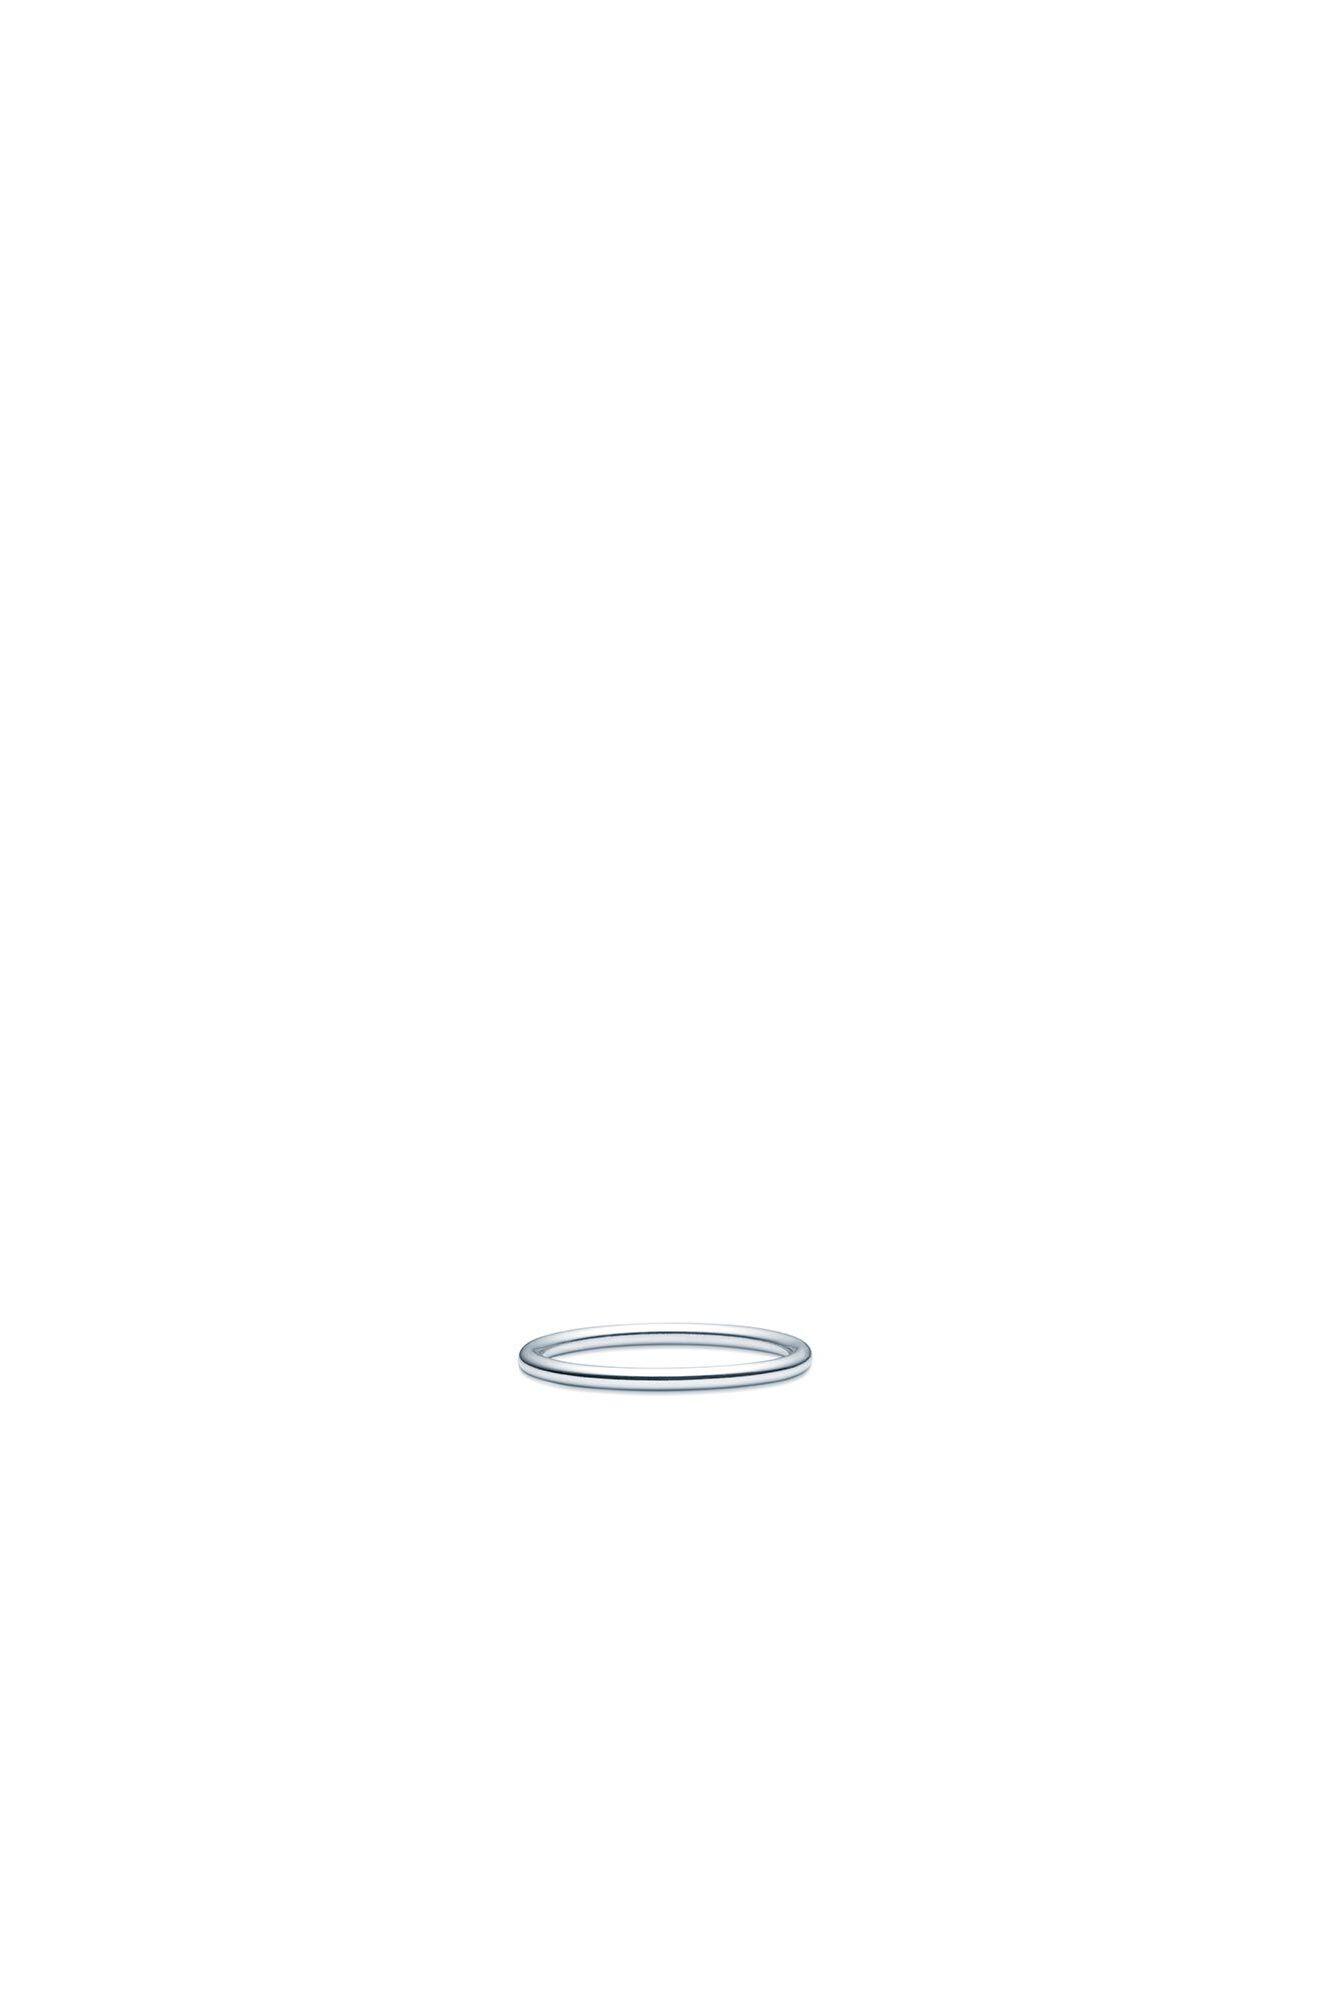 Dash ring IDR002RH, RHODIUM